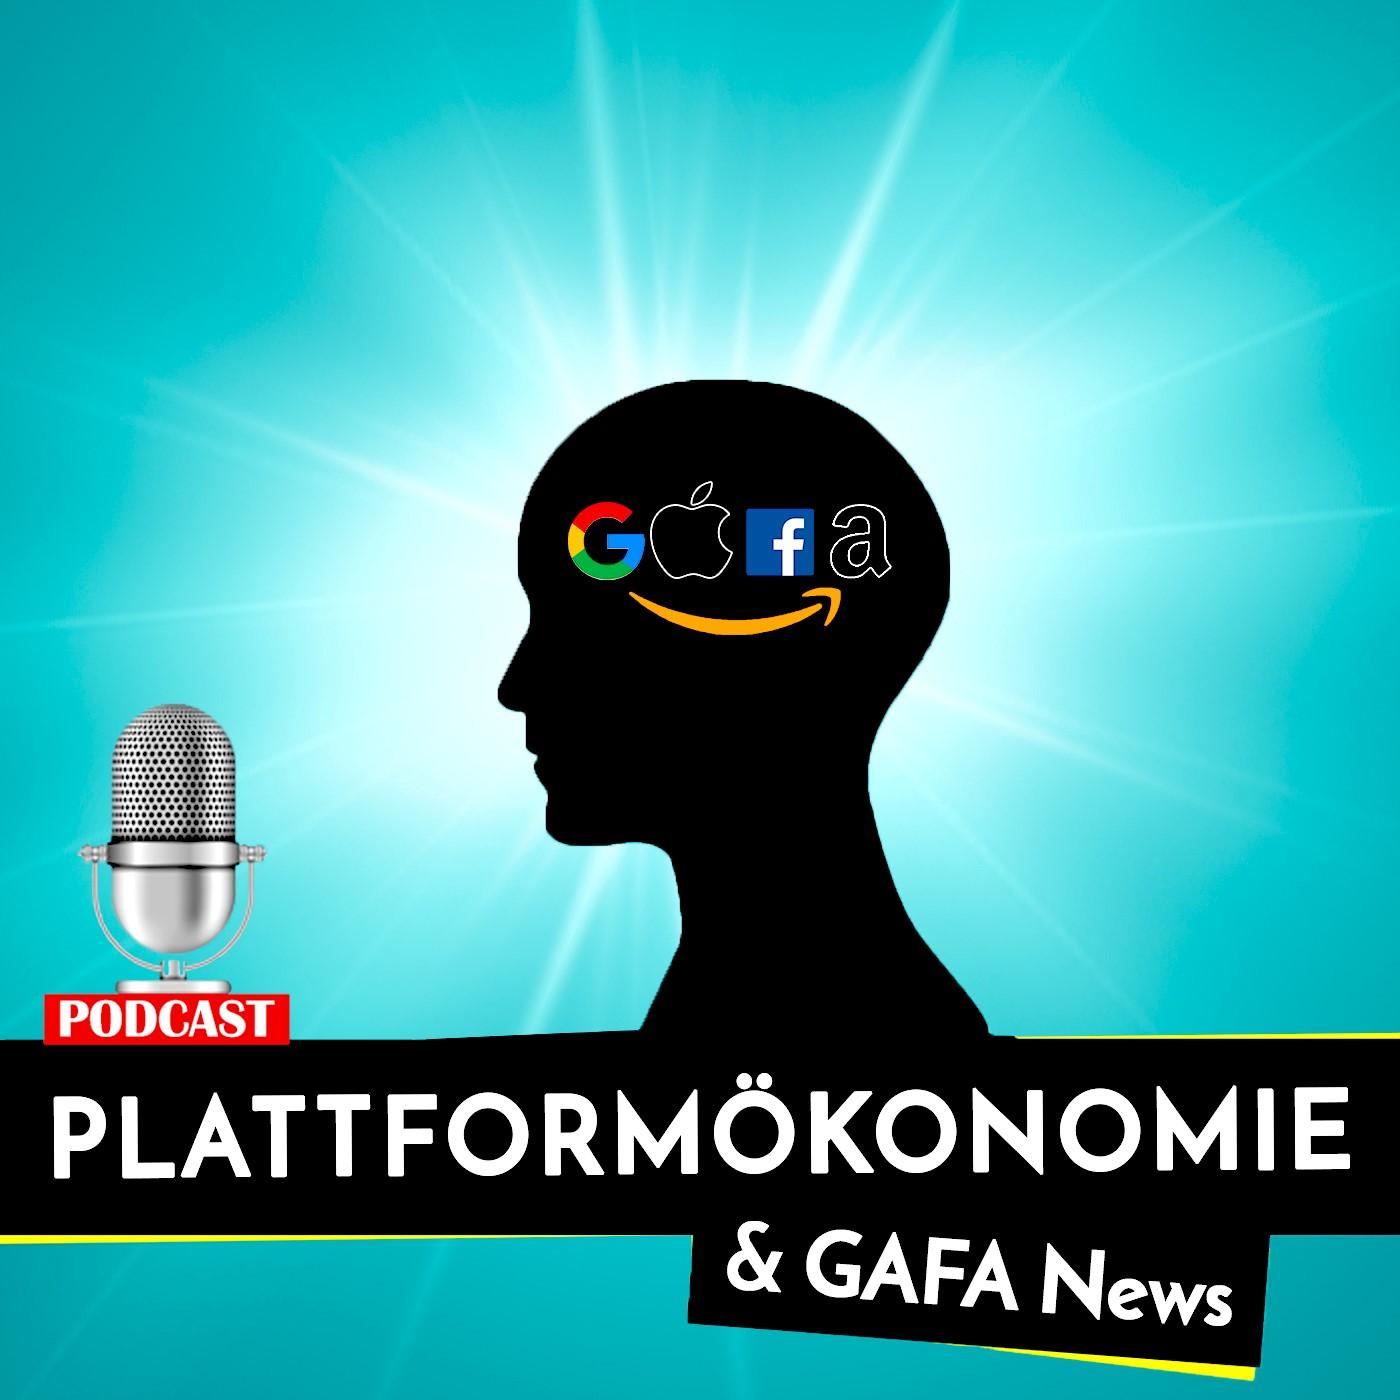 Wirtschaftsnews aus der Digitalwelt: Wöchentliche News & Nachrichten aus der Wirtschaft   Aktuell   Für die Digitalelite